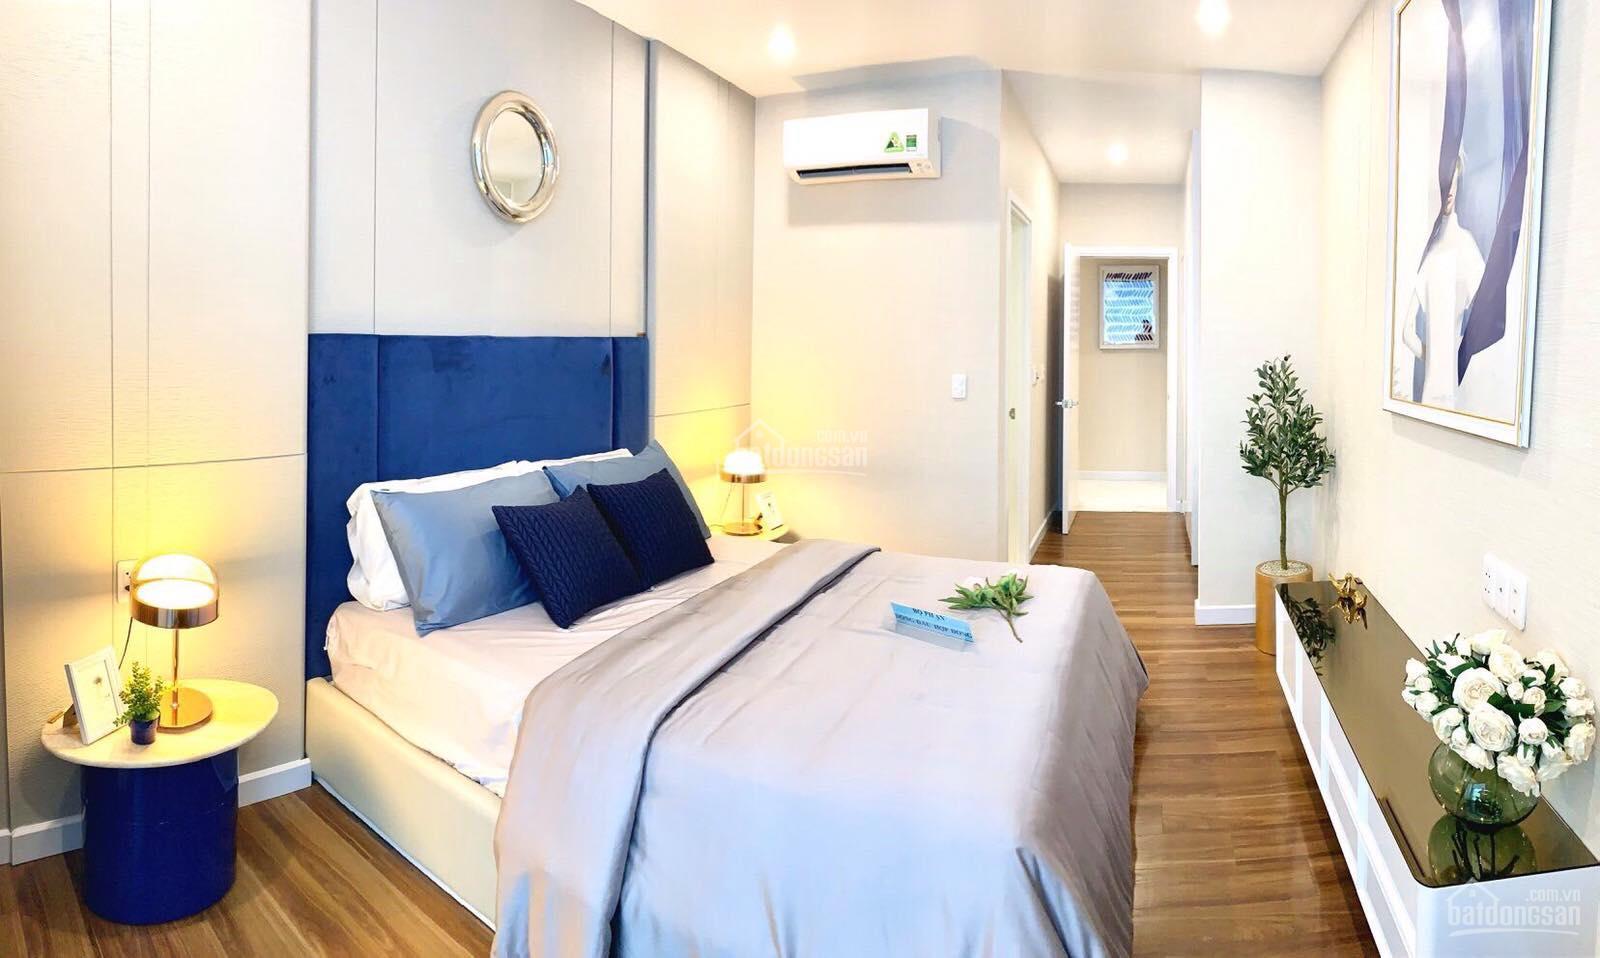 Ngay khi nhận bàn giao, khách hàng còn được tặng thêm máy lạnh Daikin cho tất cả các phòng trong nhà và máy nước nóng cao cấp.